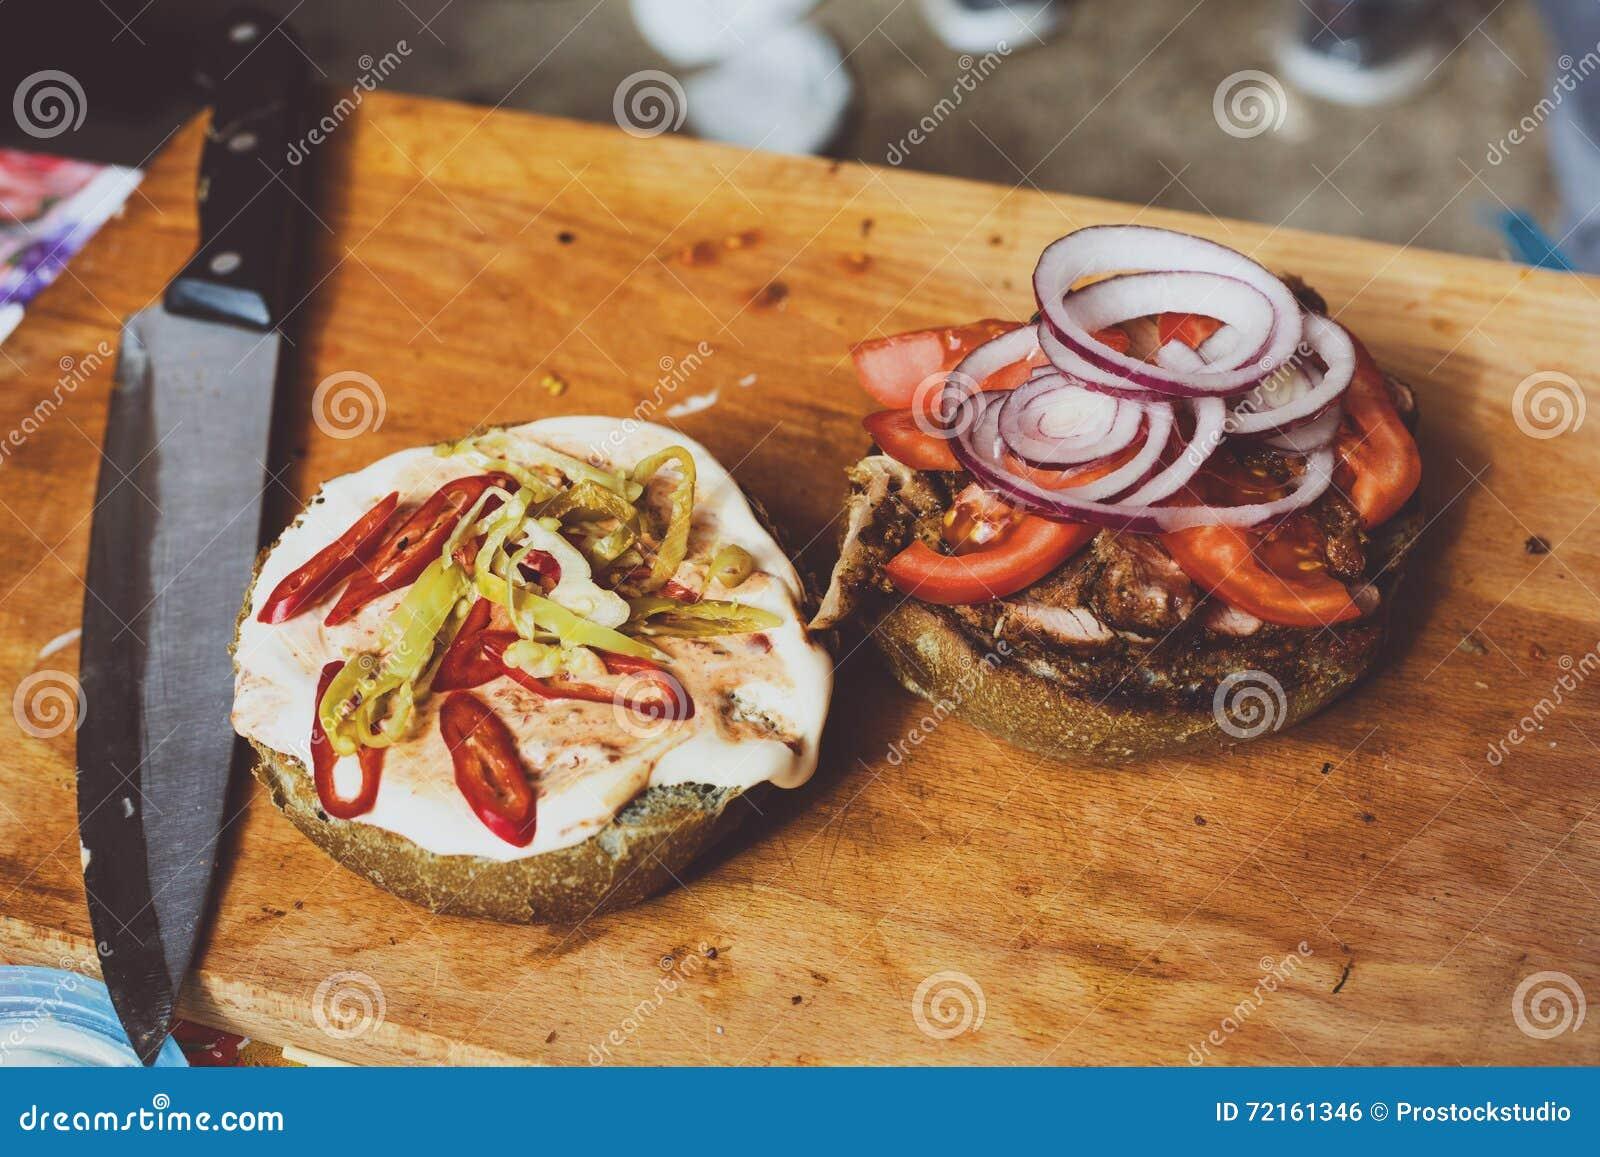 Aliments de préparation rapide de rue hamburger faisant cuire au